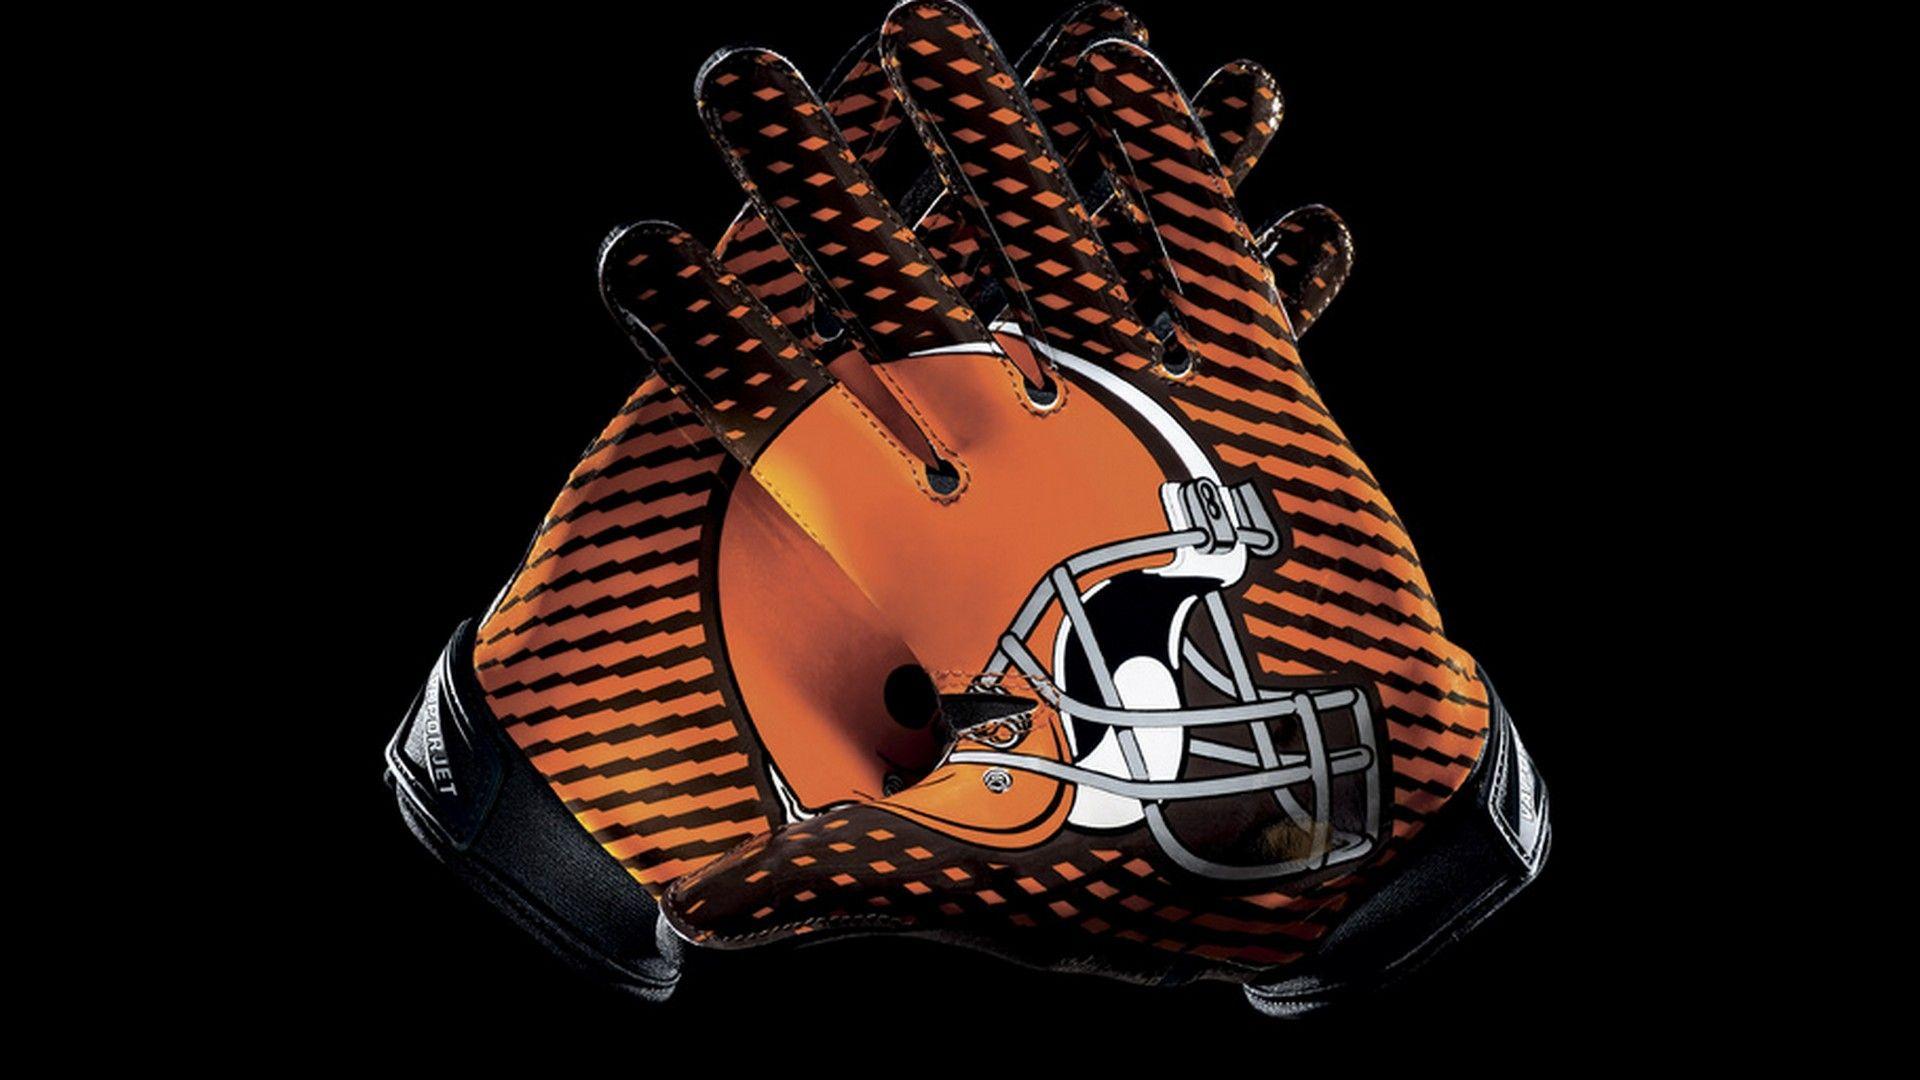 Cleveland Browns For Desktop Wallpaper